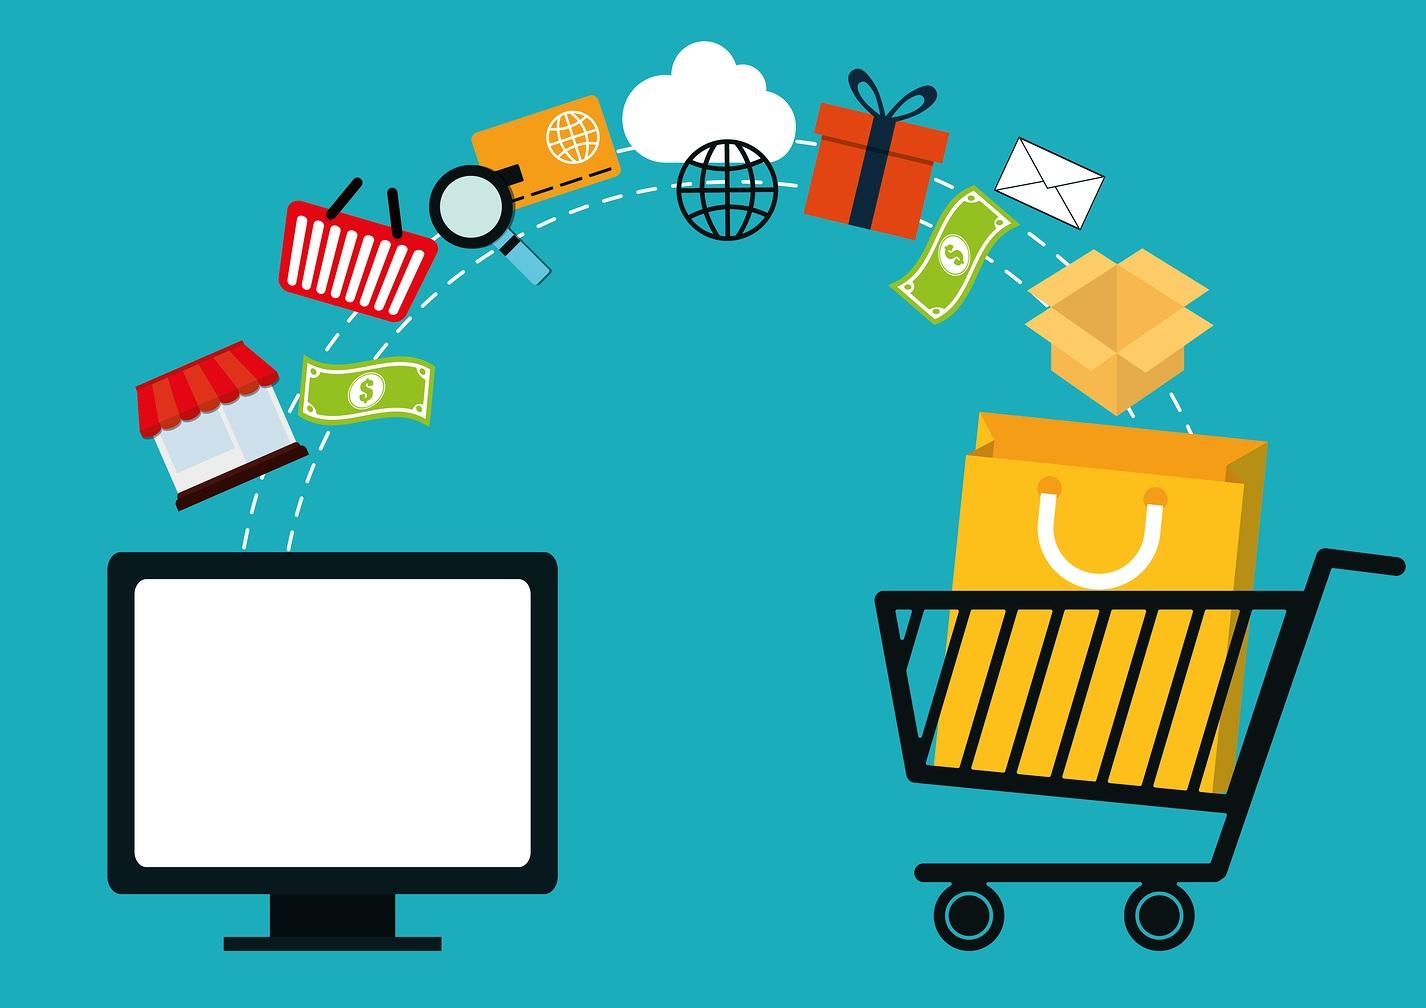 eCommerce website platform